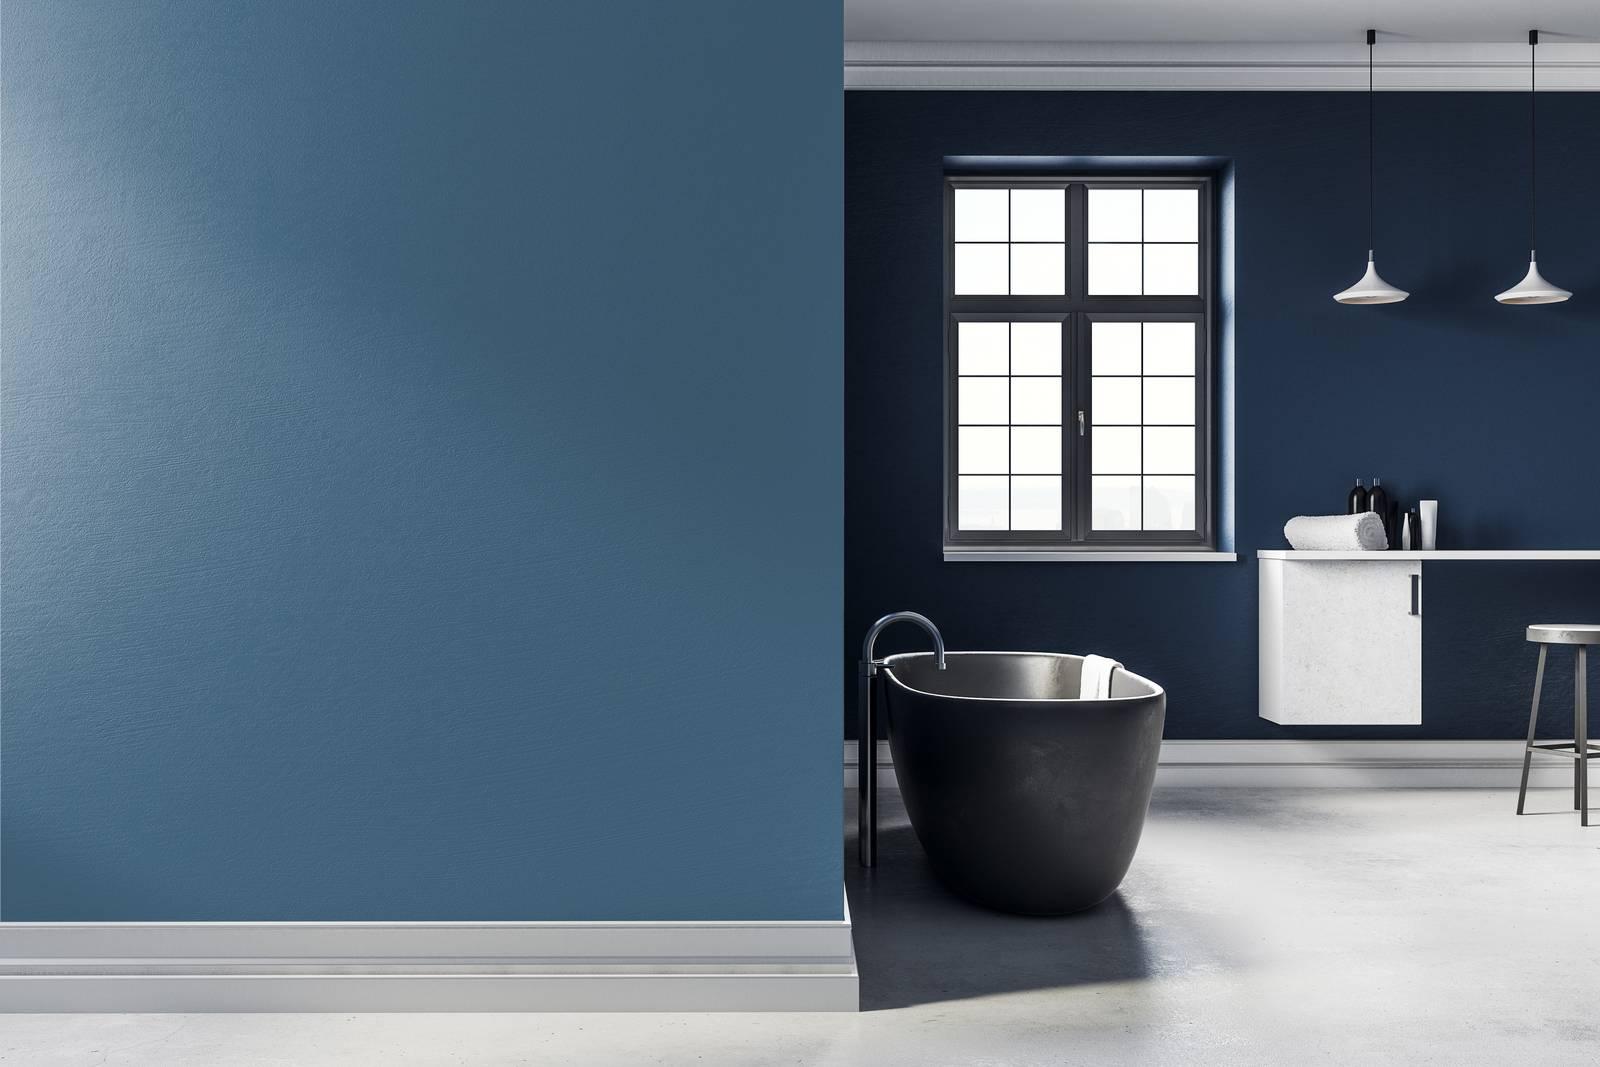 Colori Nuovi Per Tinteggiare Casa dipingere le pareti con il colore dell'anno 2020 blu pantone